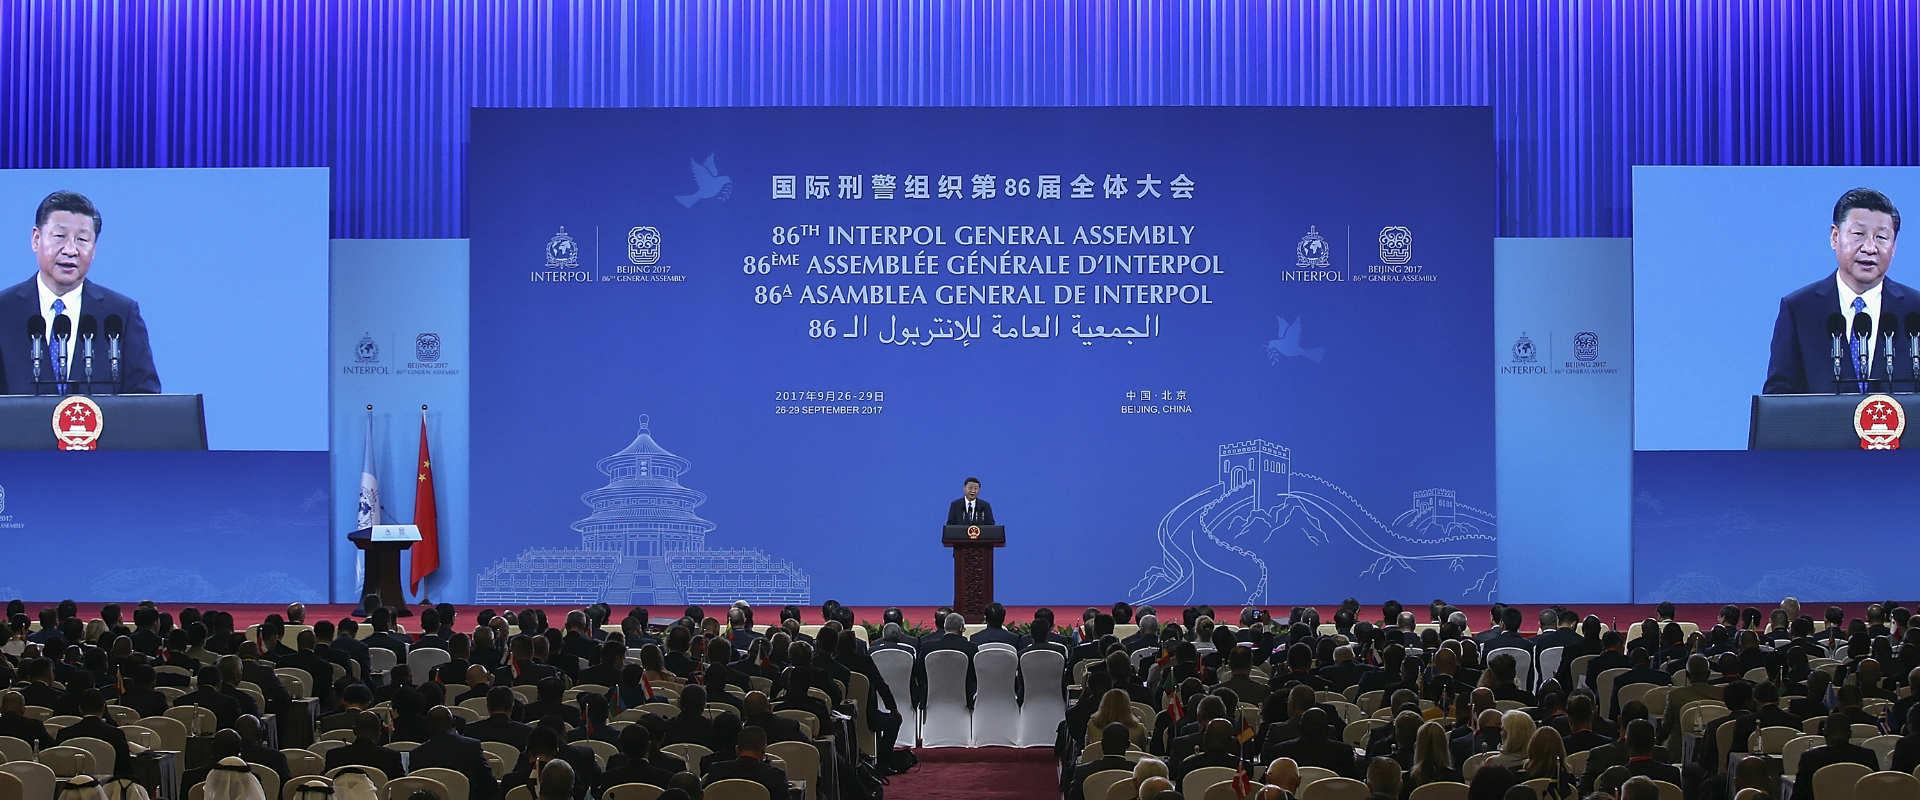 נשיא סין נואם בעצרת האינטרפול, אתמול